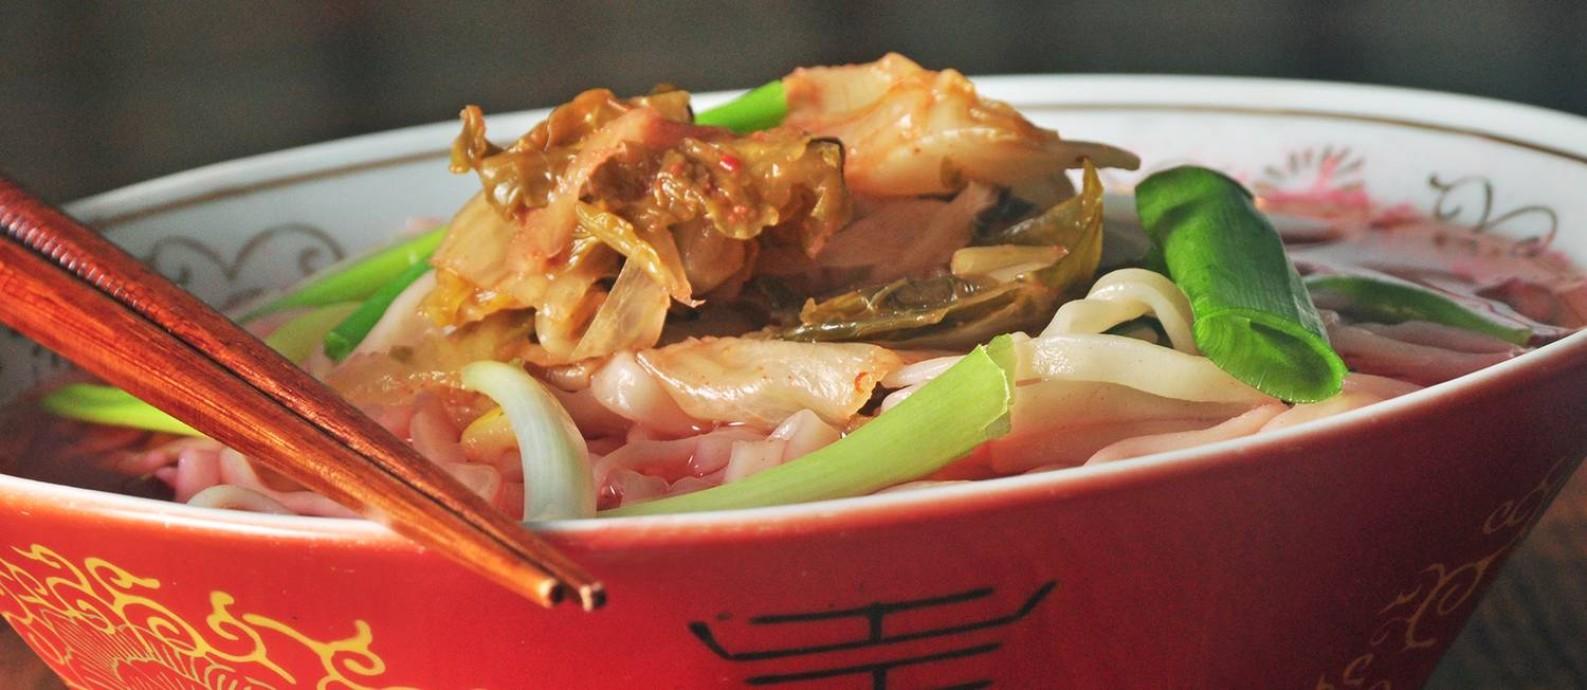 kimchi lámen, com caldo de porco e kimchi picante e fermentado com vegetais frescos Foto: Rio Art Com / Divulgação